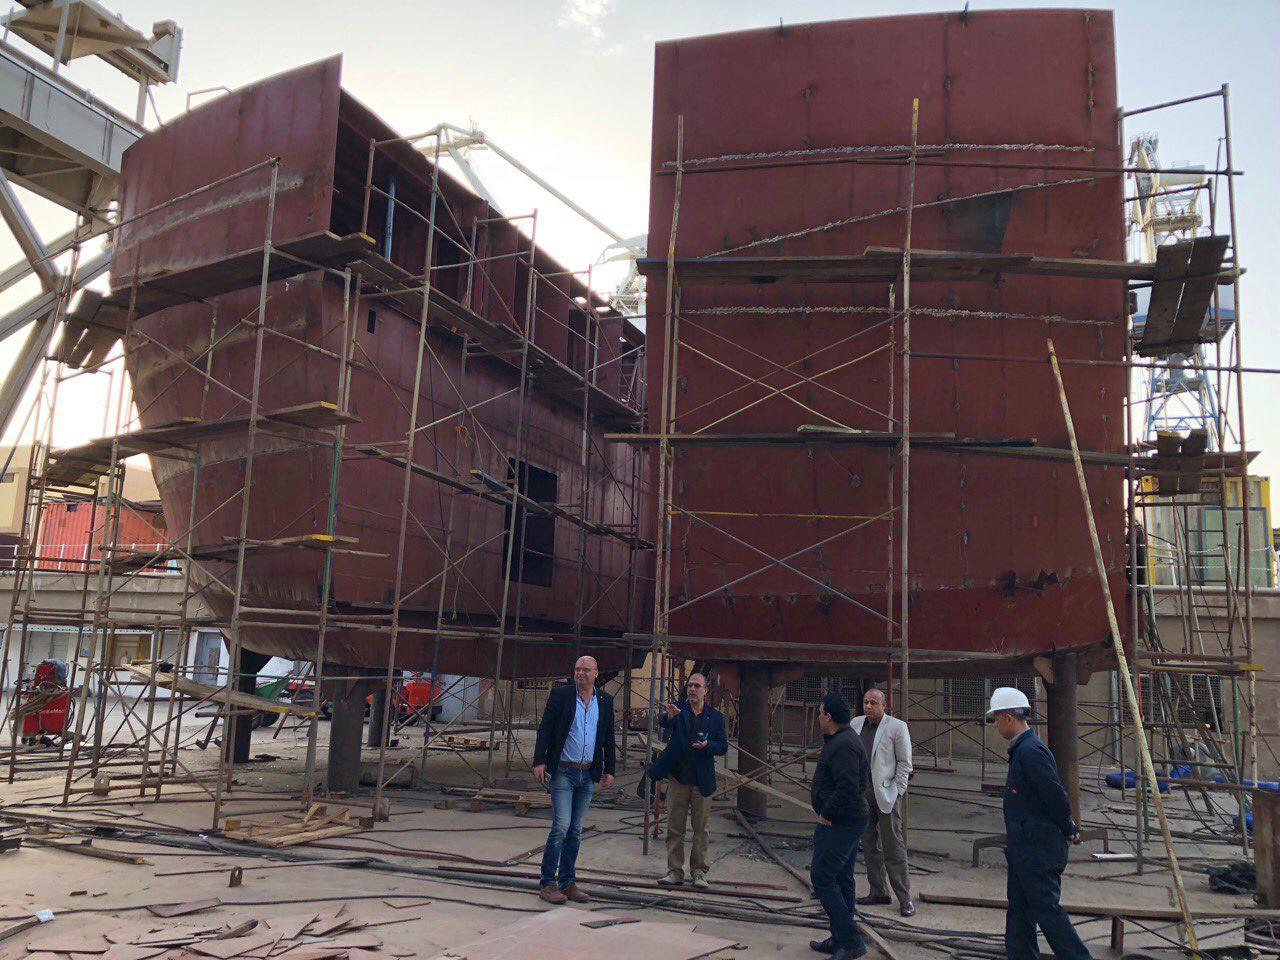 Суднобудівно-судноремонтний завод в Олександрії (Єгипет),  про масштаби якого свідчить цей макет